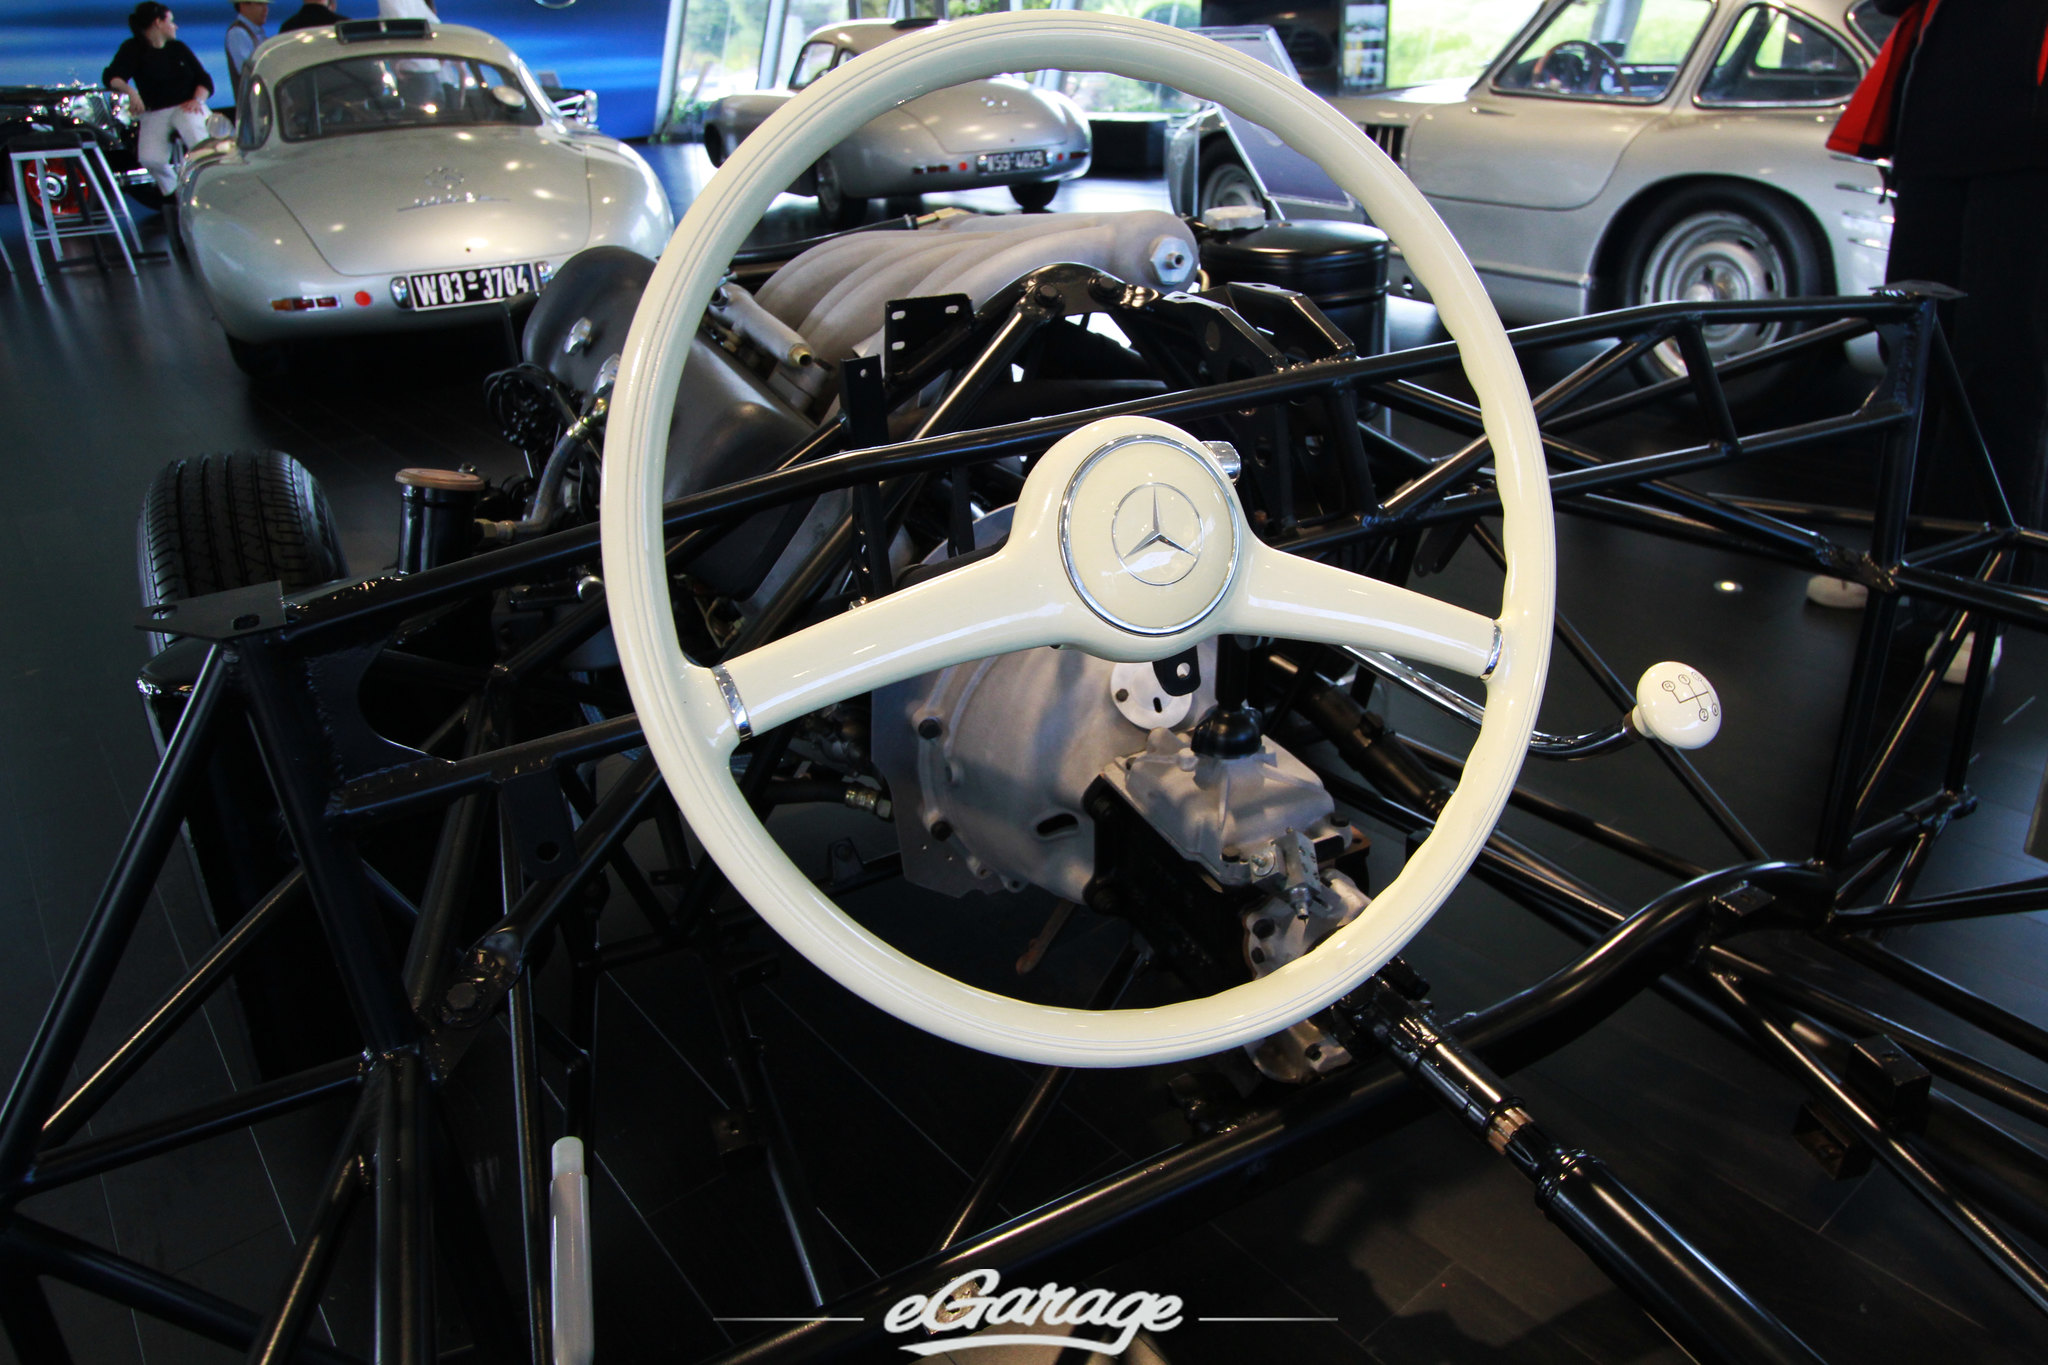 7828948050 838fc1ad08 k Mercedes Benz Classic